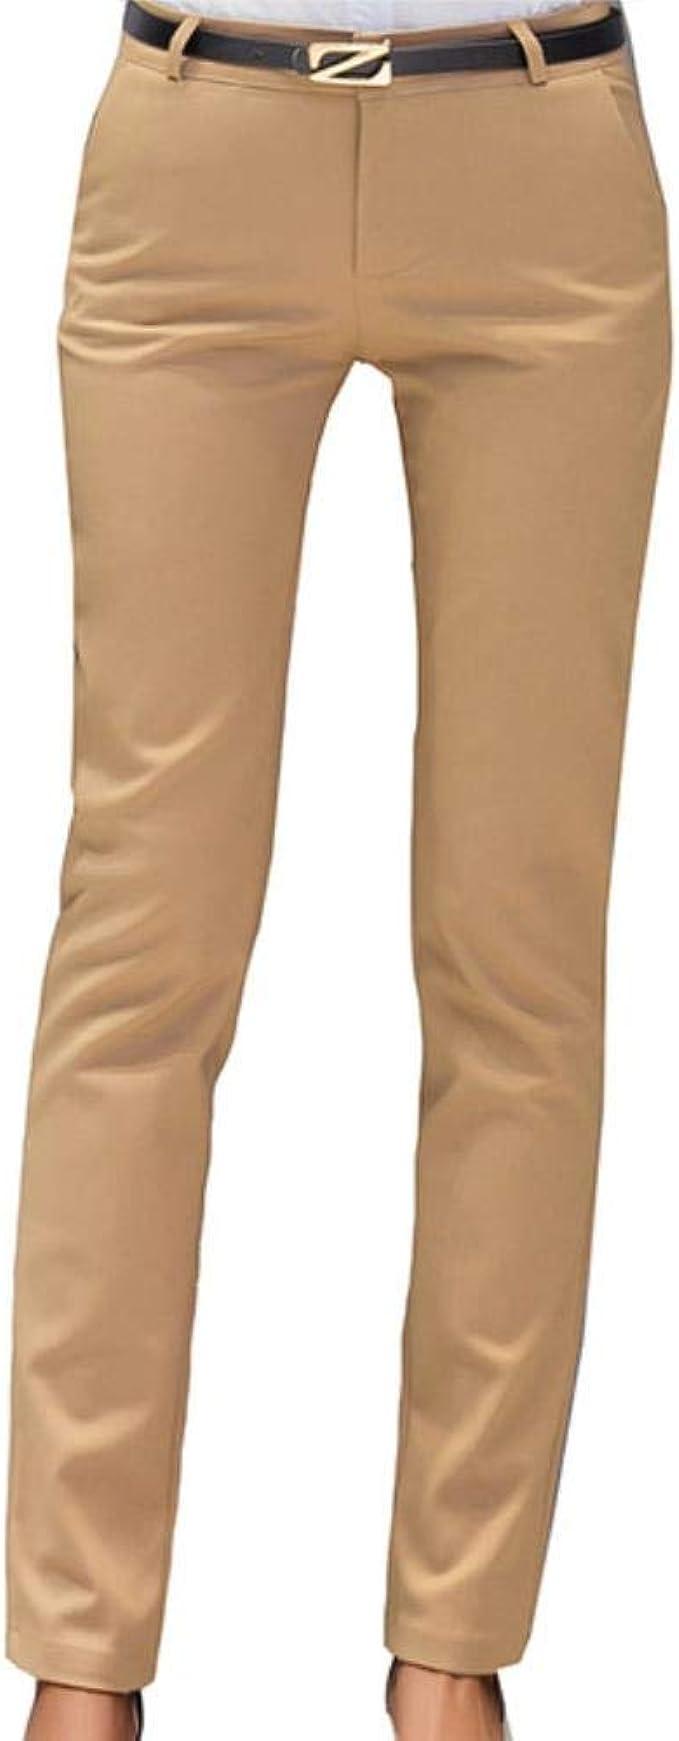 HKRT, pantaloni da donna autunno a vita alta, pantaloni da ...